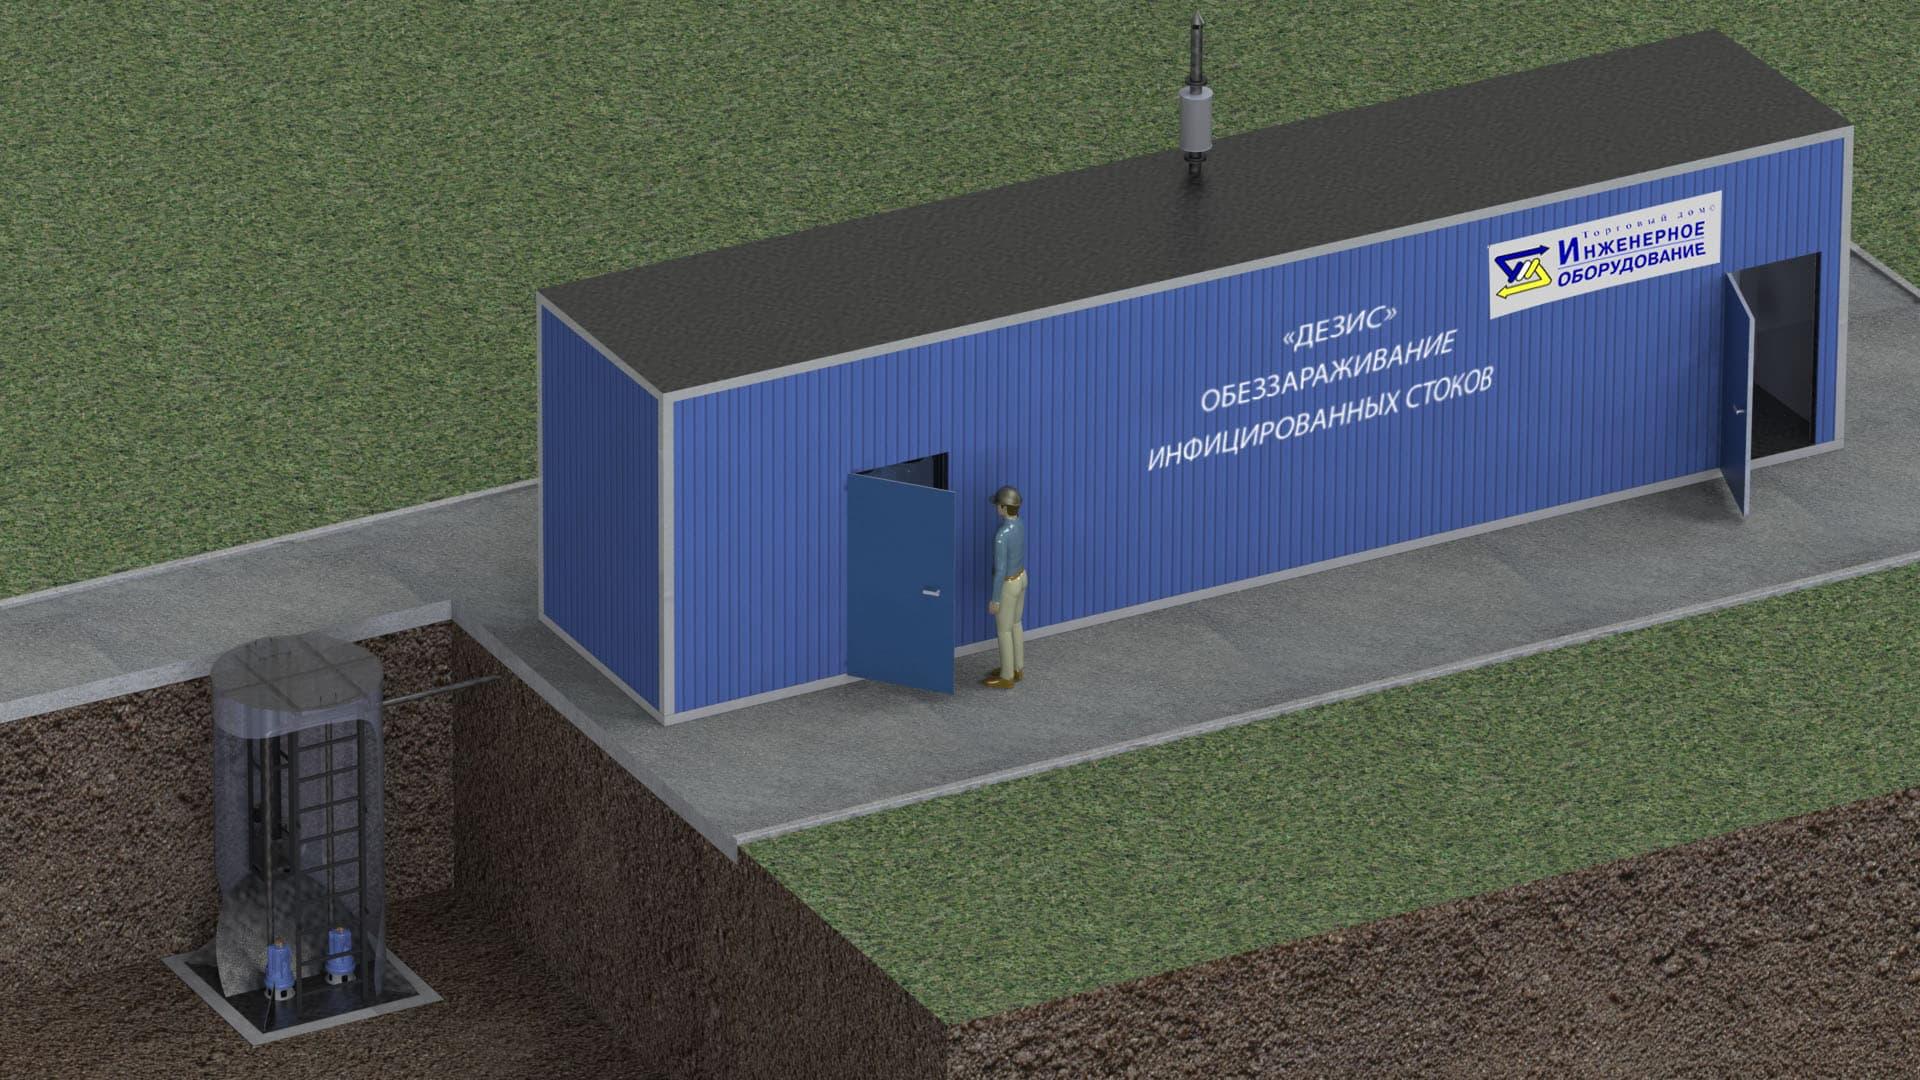 Установка обеззараживания стоков Дезис в наземном исполнении